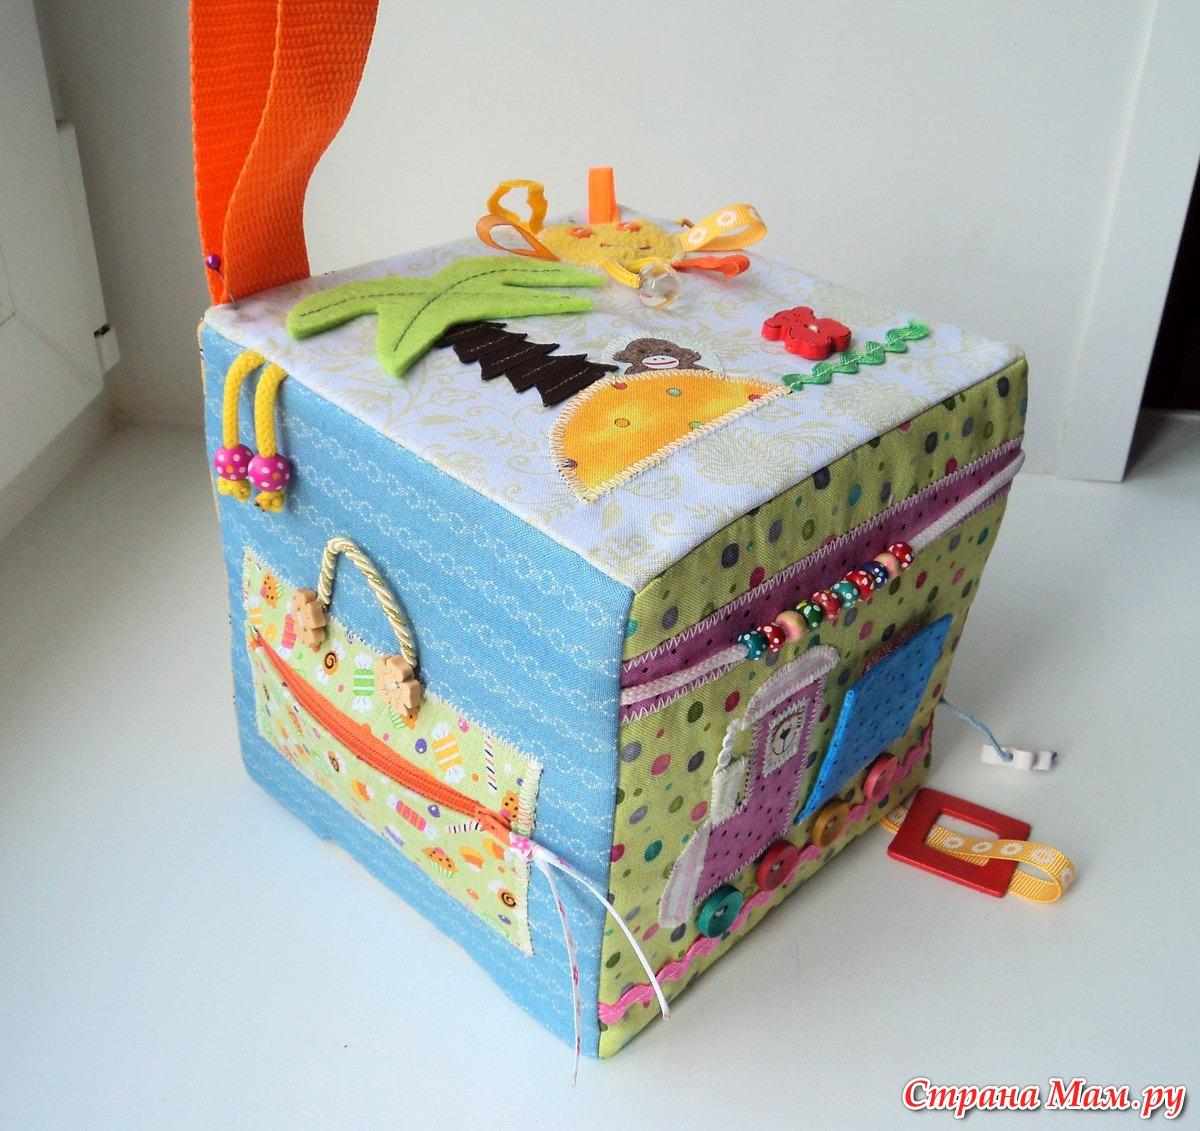 Развивающий кубик своими руками фото 439